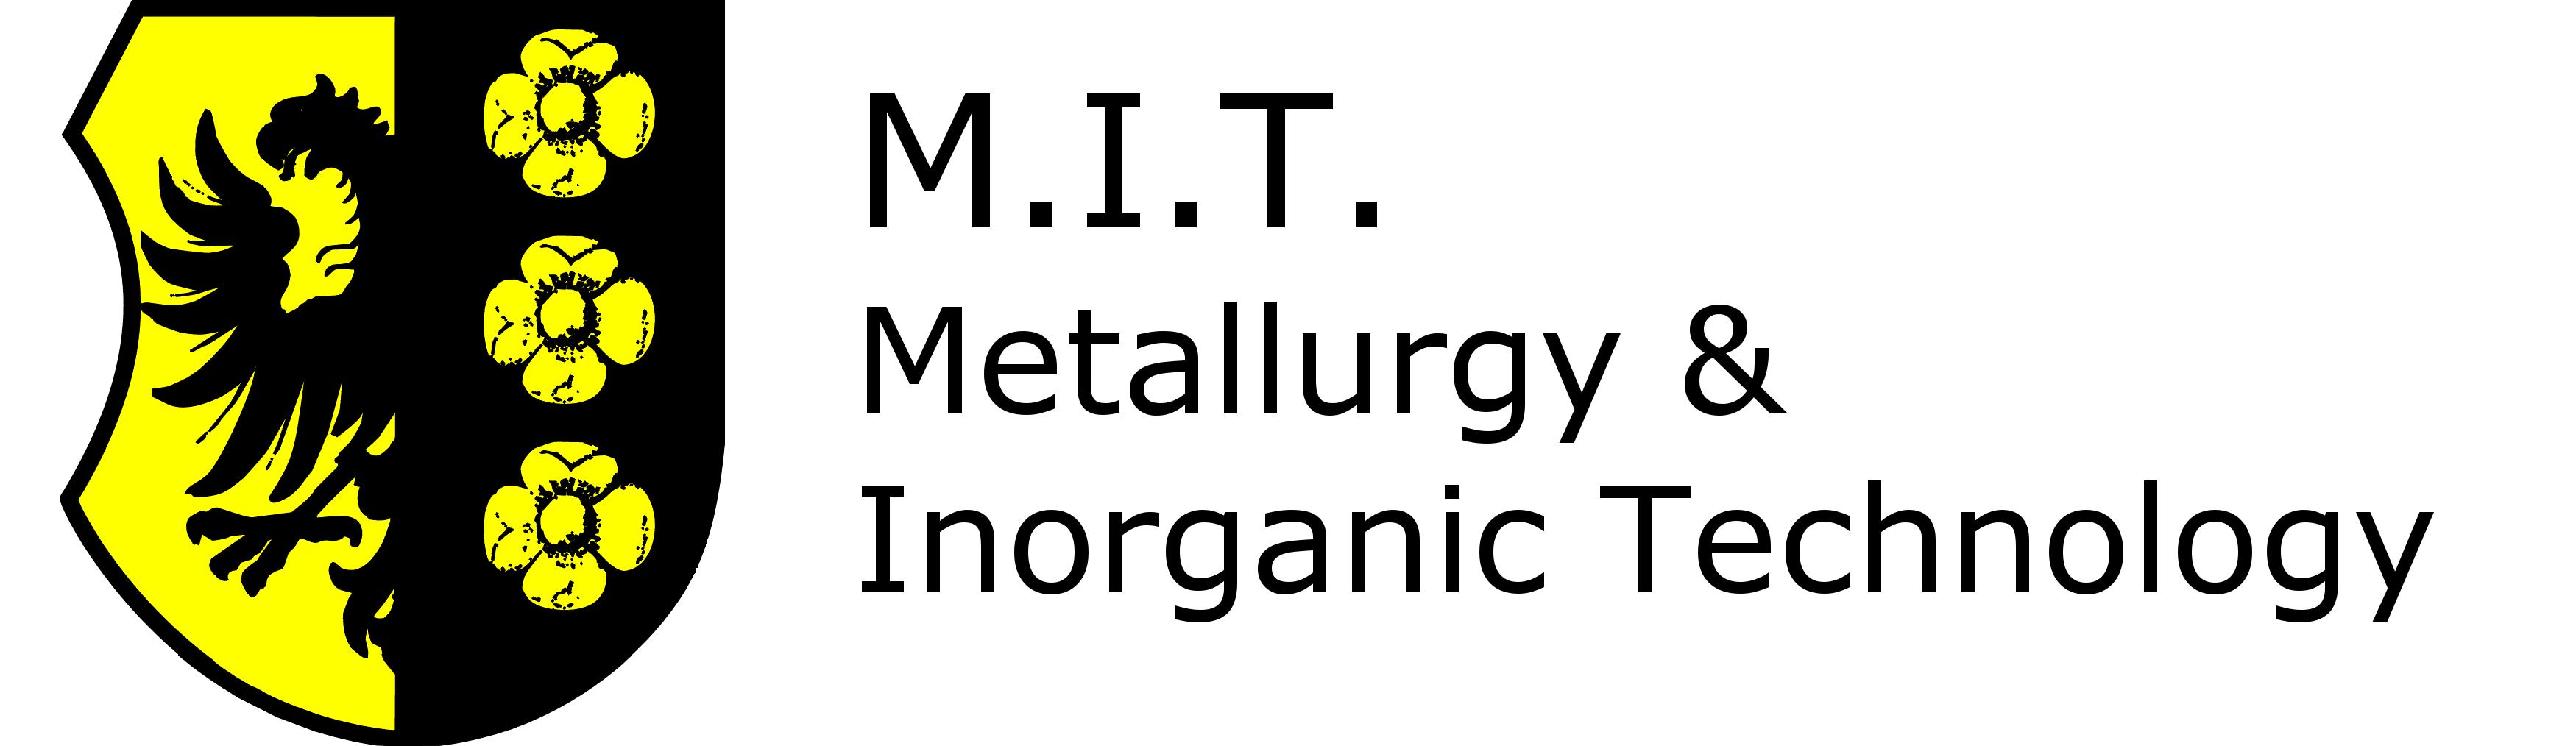 M.I.T. Metallurgy & Inorganic Technology